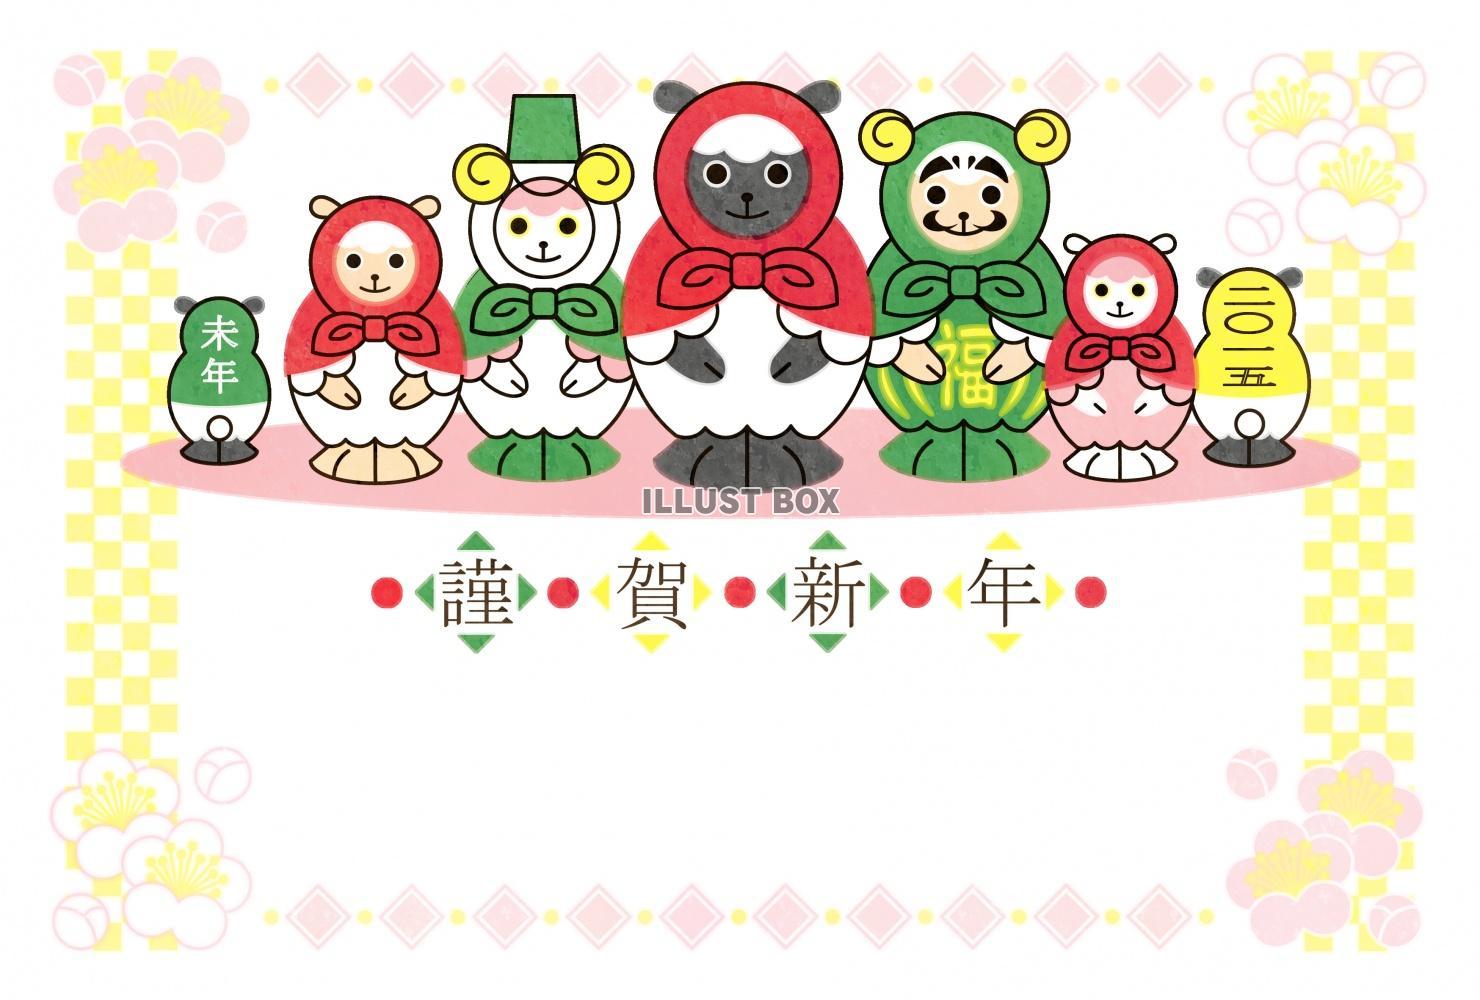 年賀状 2015 年賀状 羊 : サンプル画像は線がギザギザに ...